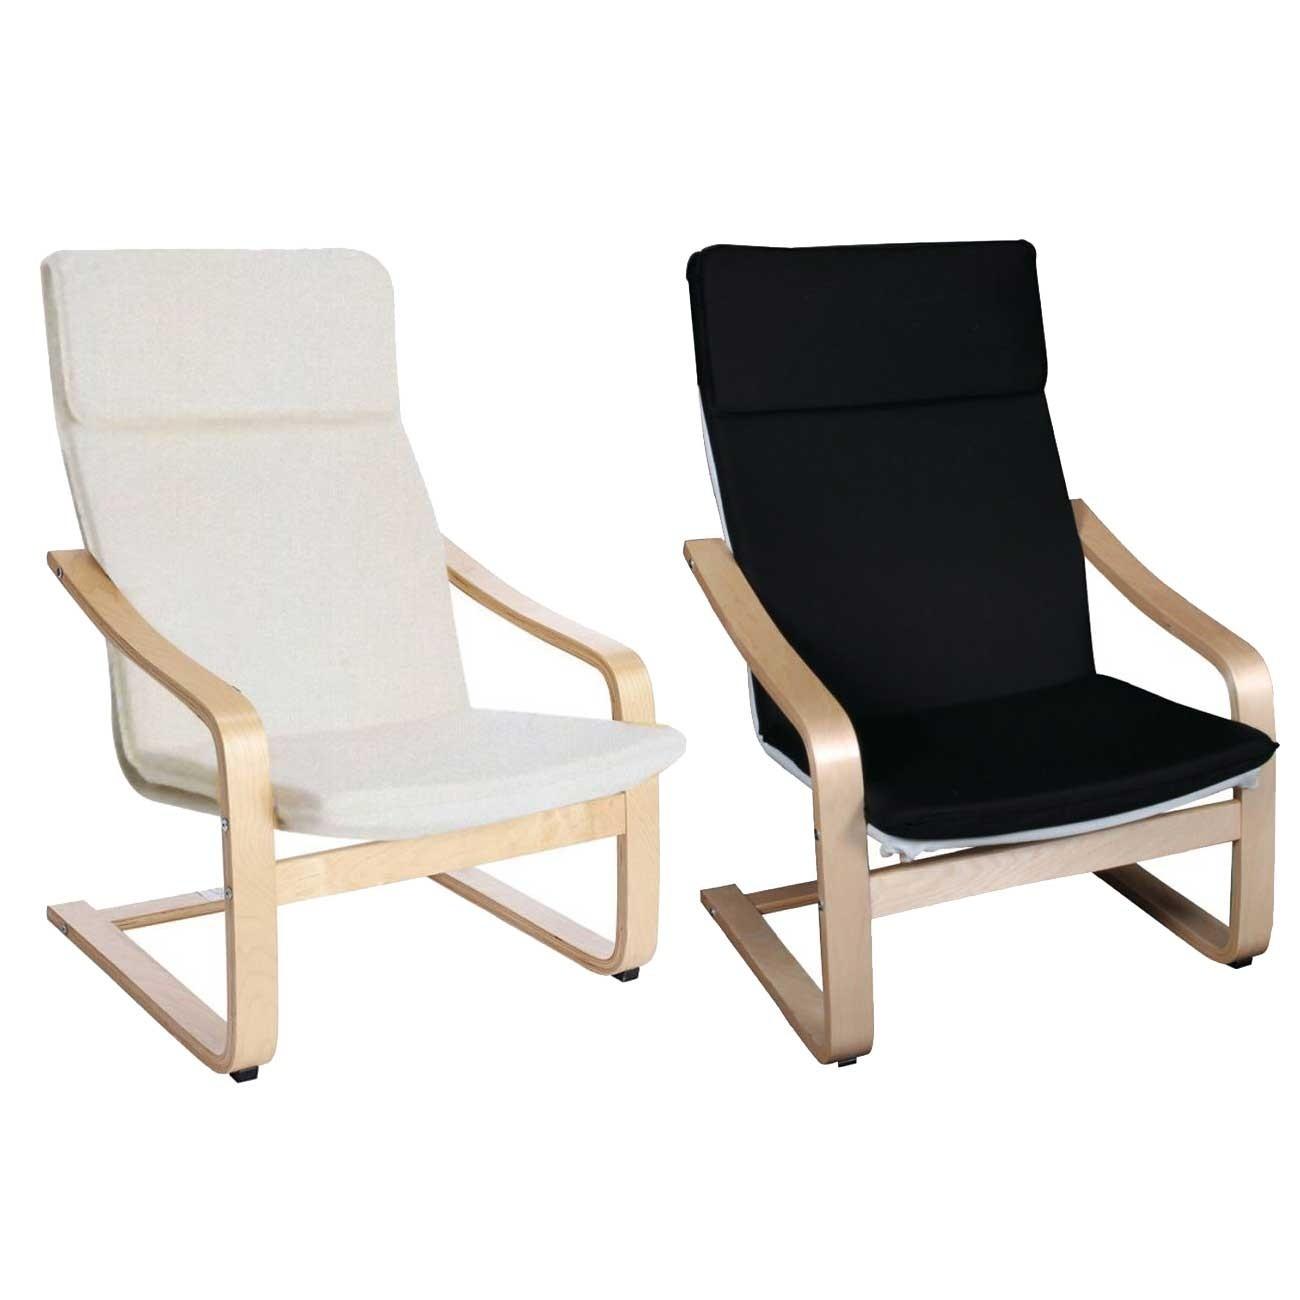 Πολυθρόνα Relax Hamilton Plus E7156 - σε 2 χρώματα